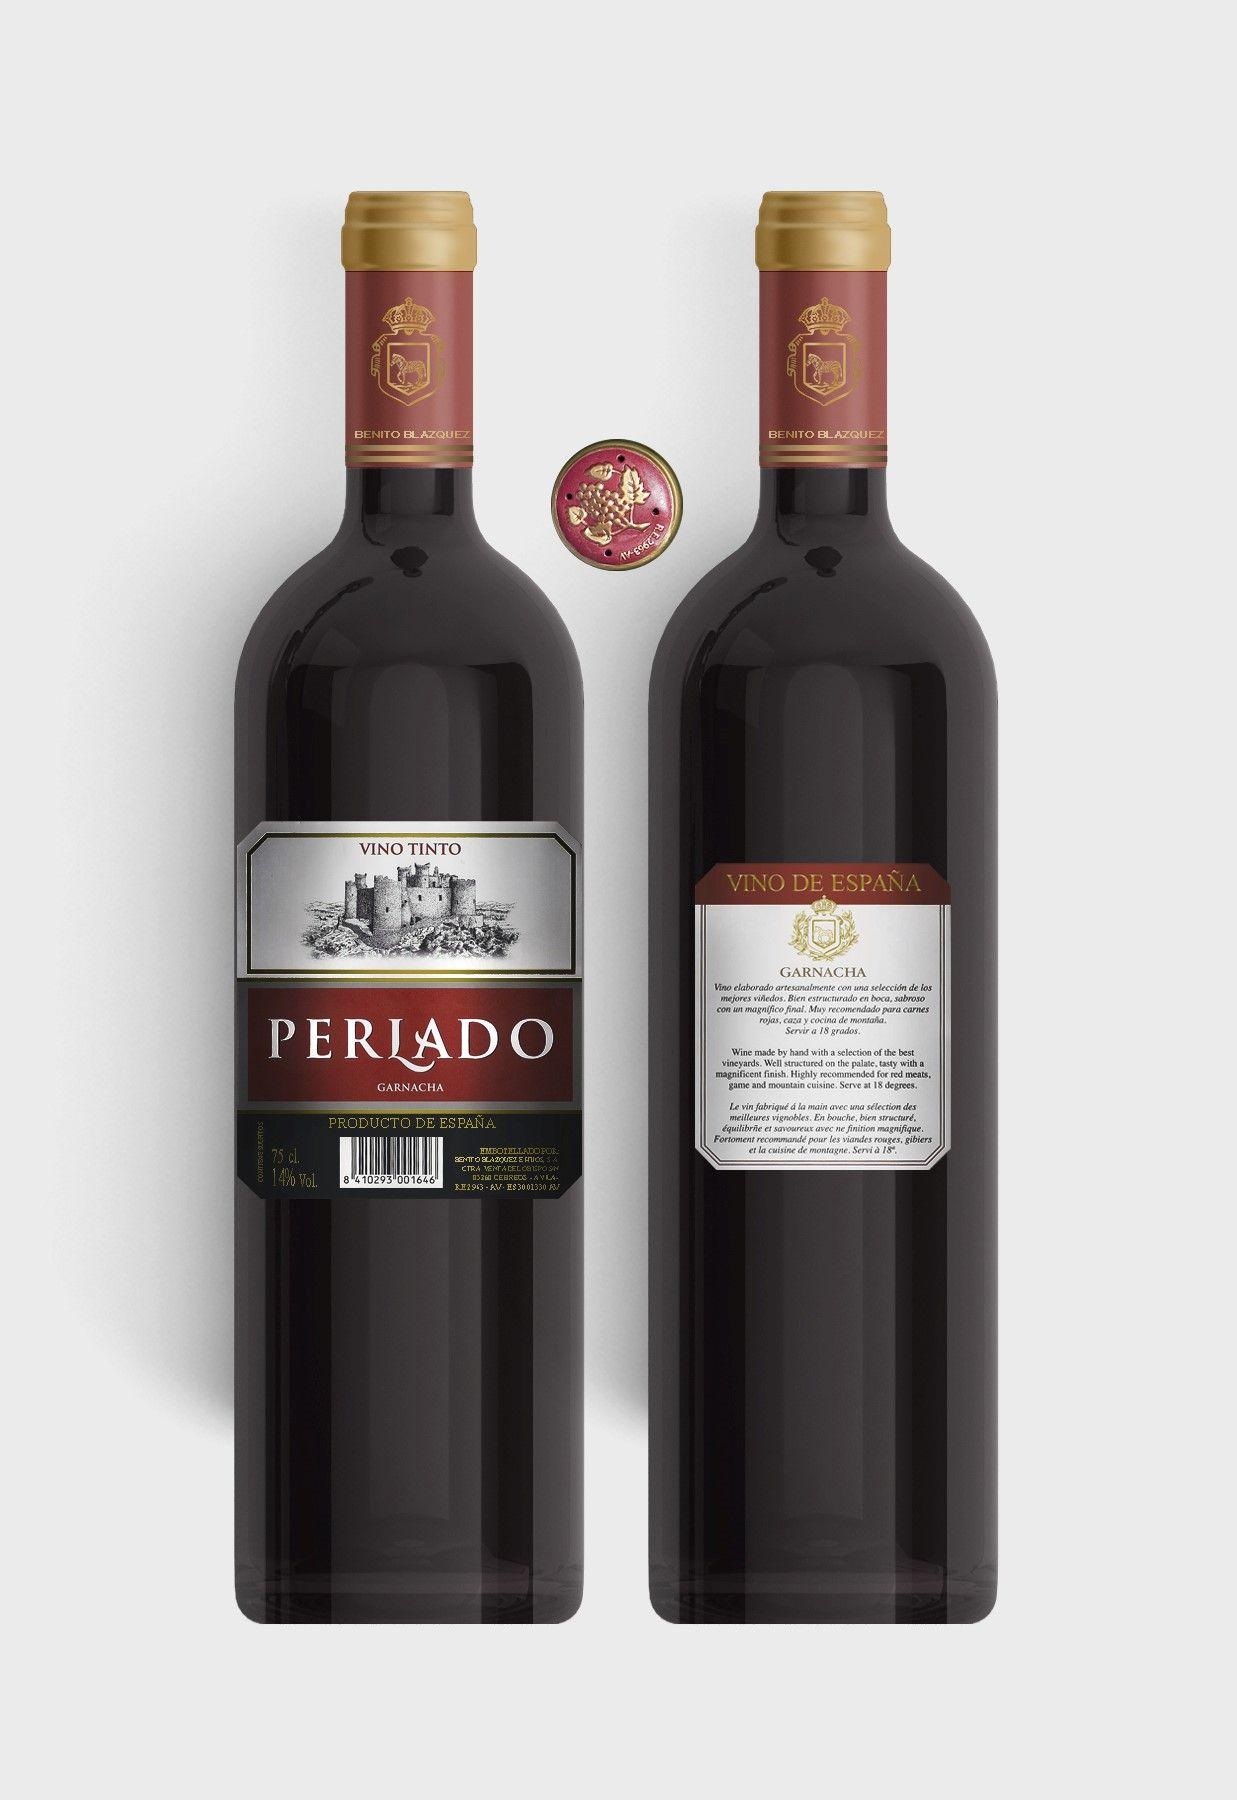 Benito Blázquez - Botella de Vino Tinto Perlado